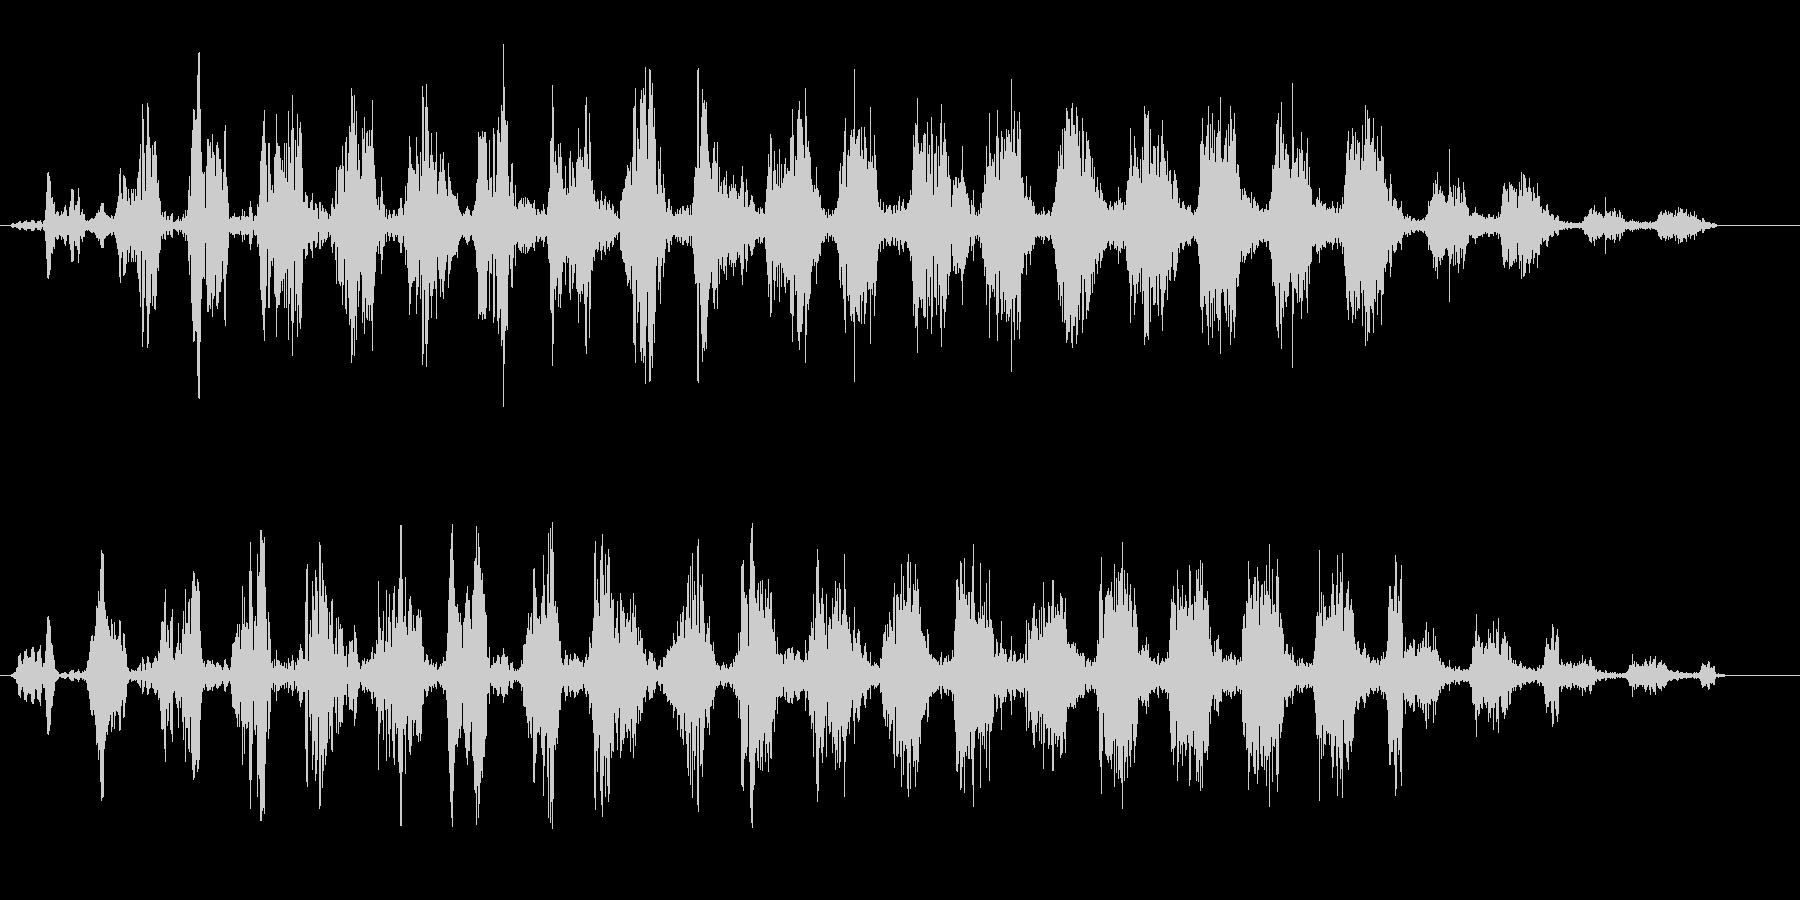 シャララ系アップ(上がって行く)の未再生の波形